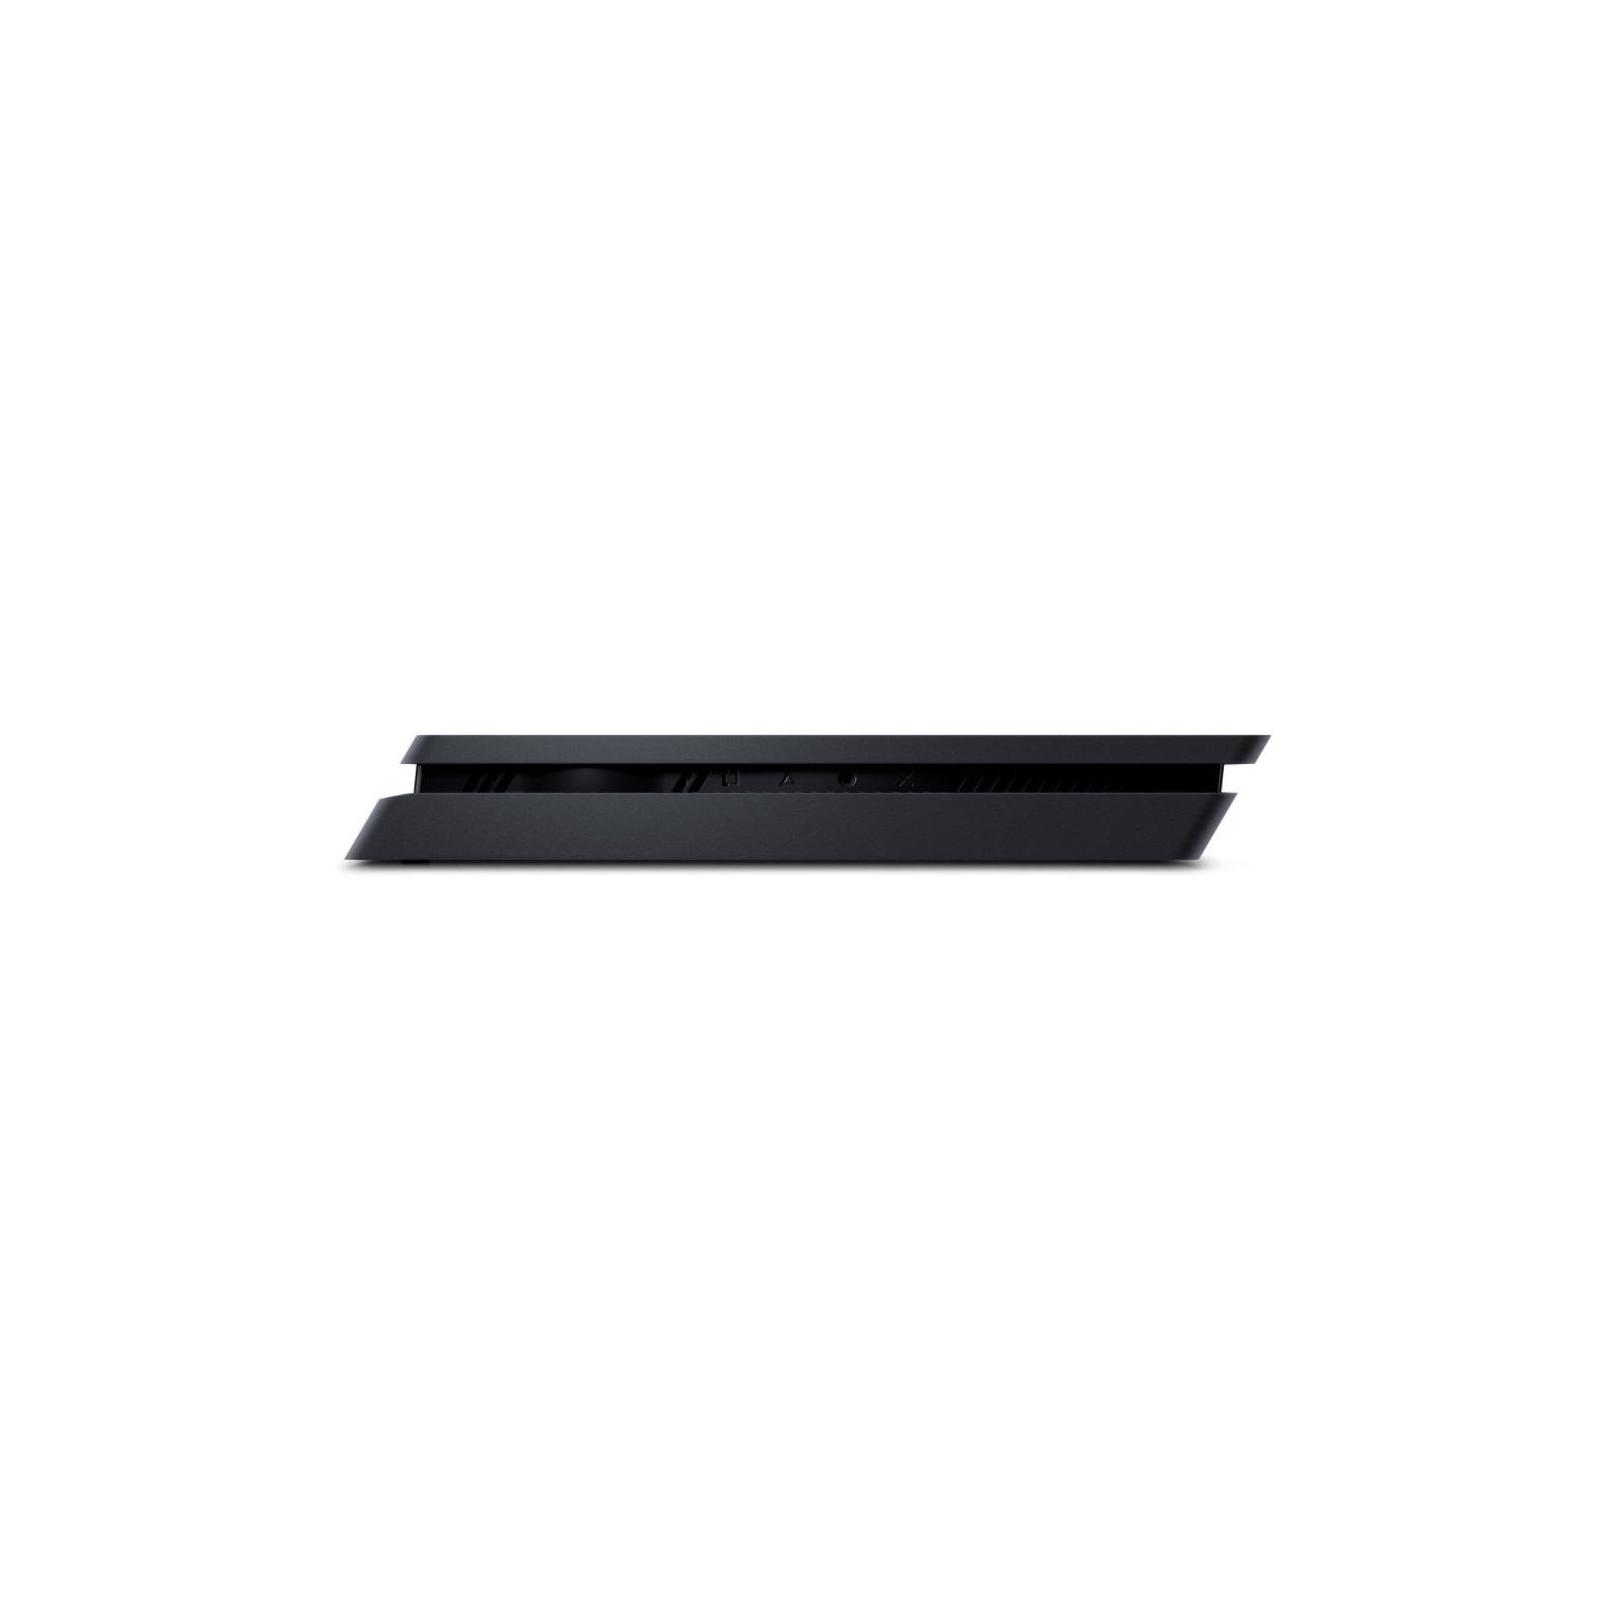 Игровая консоль Sony PlayStation 4 Slim 1Tb Black (God of War) (9385172) изображение 5